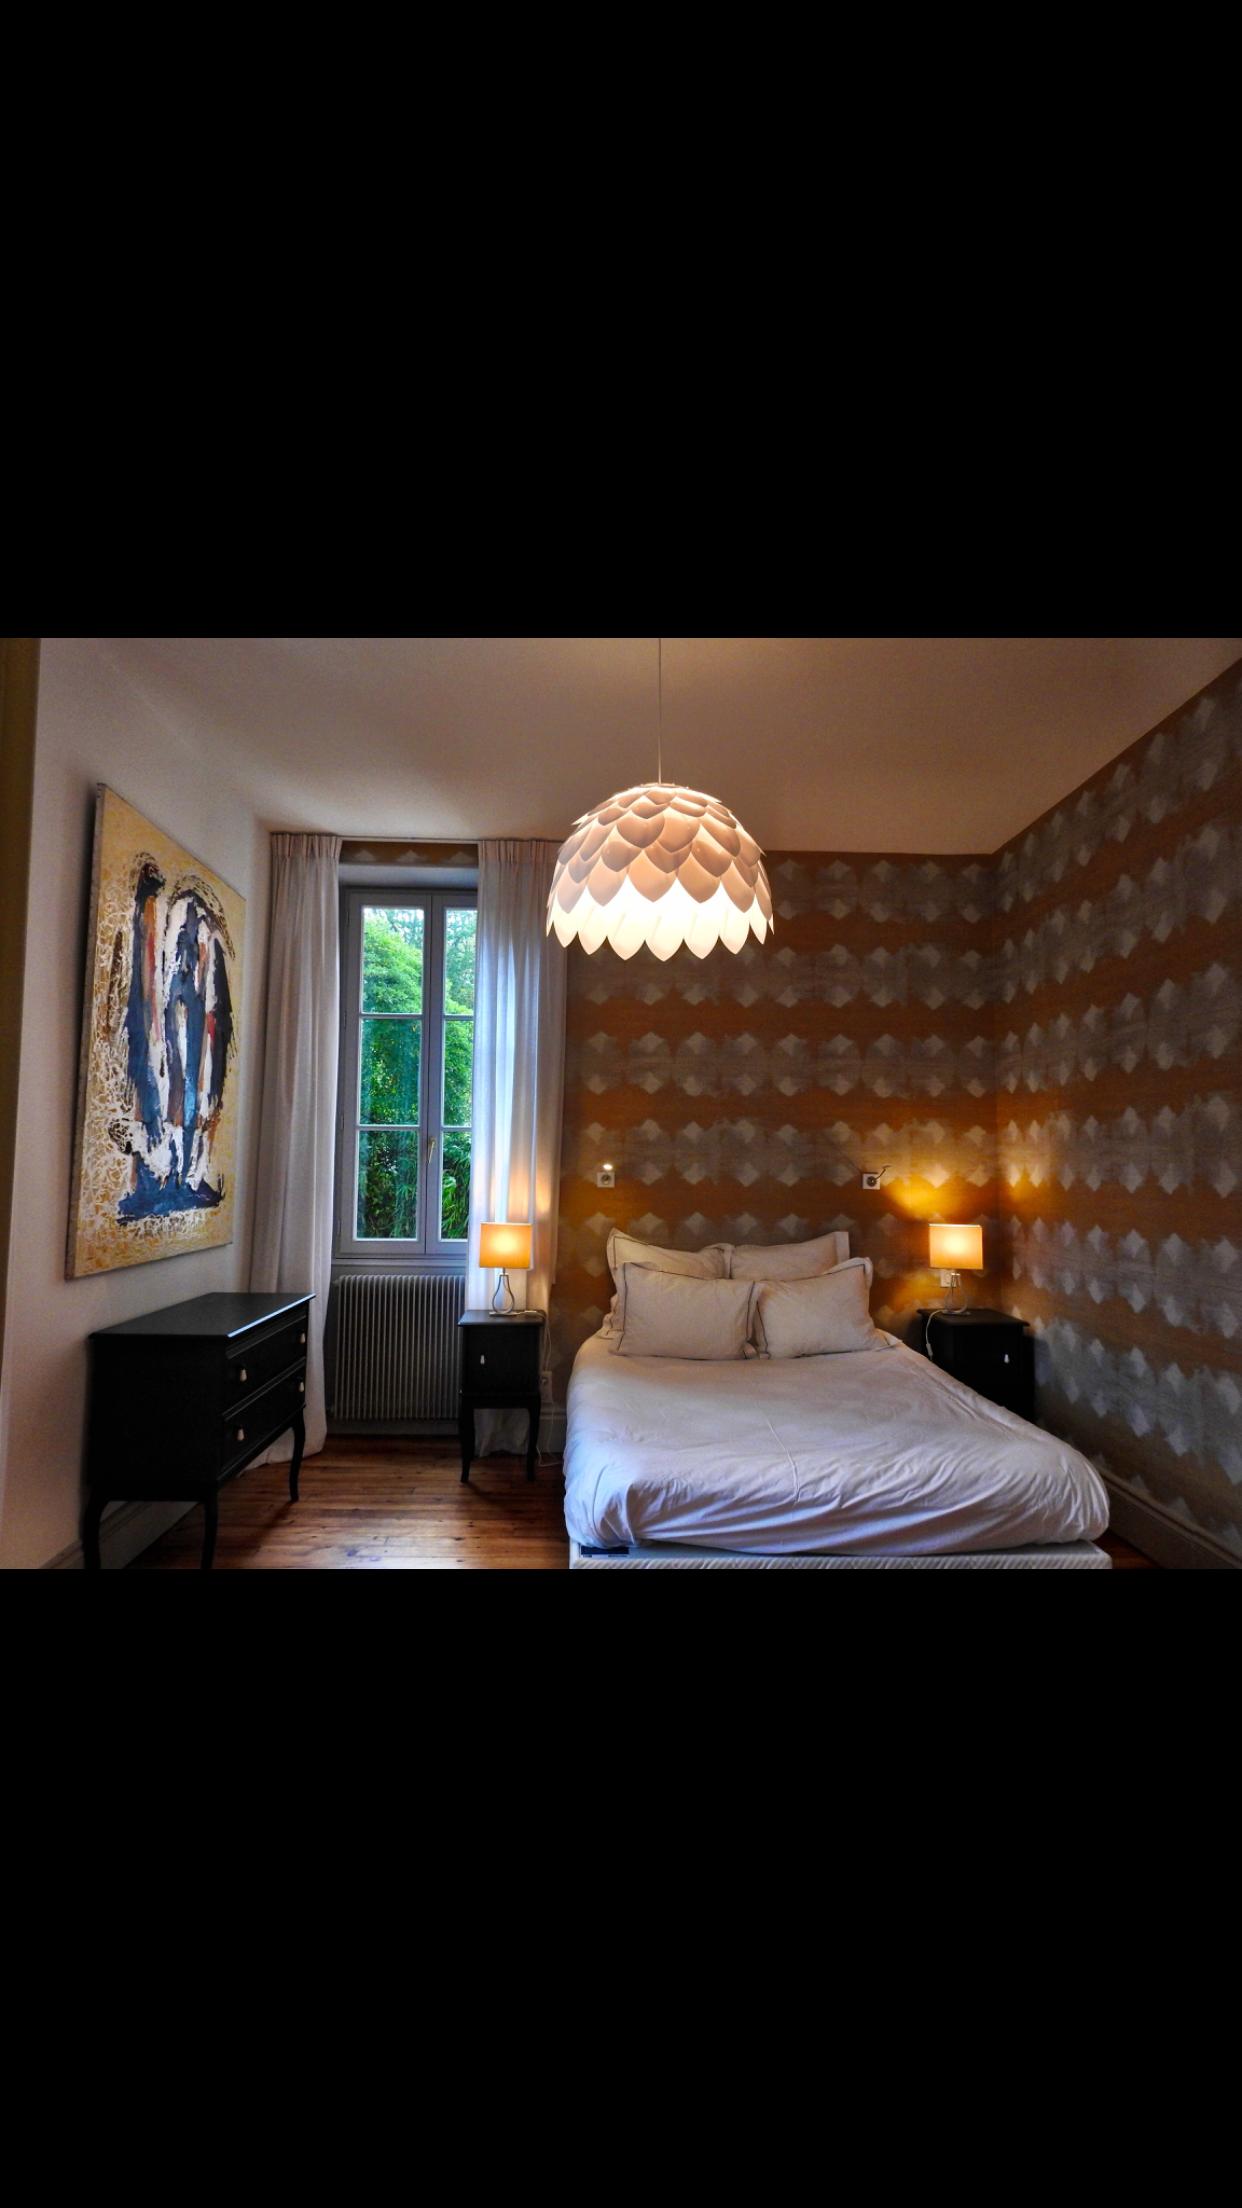 Rendre cosy une grande chambre avec des hauts plafonds pensez